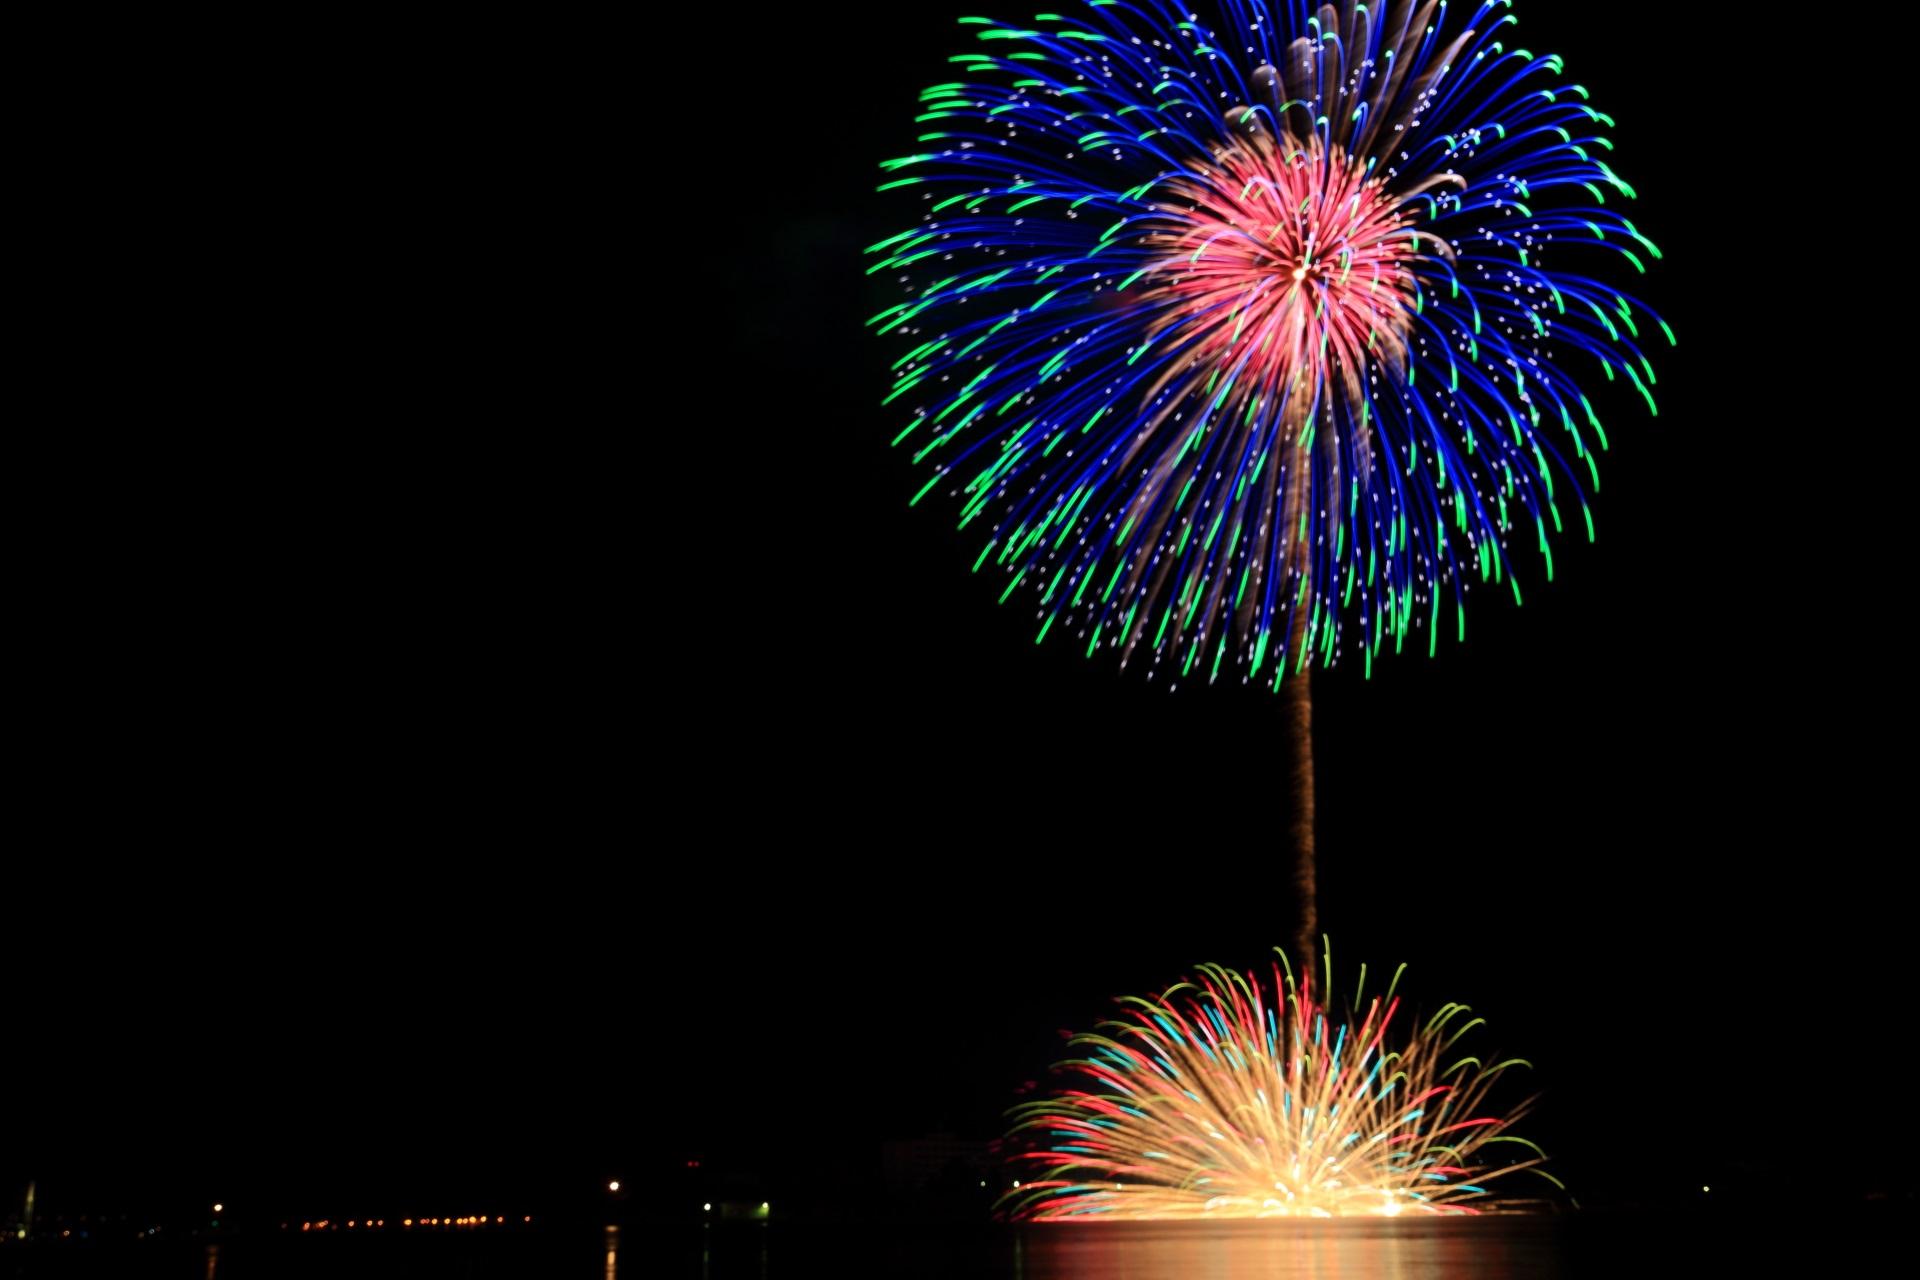 舞鶴の水面で弾ける花火と夜空を彩る鮮やかな花火